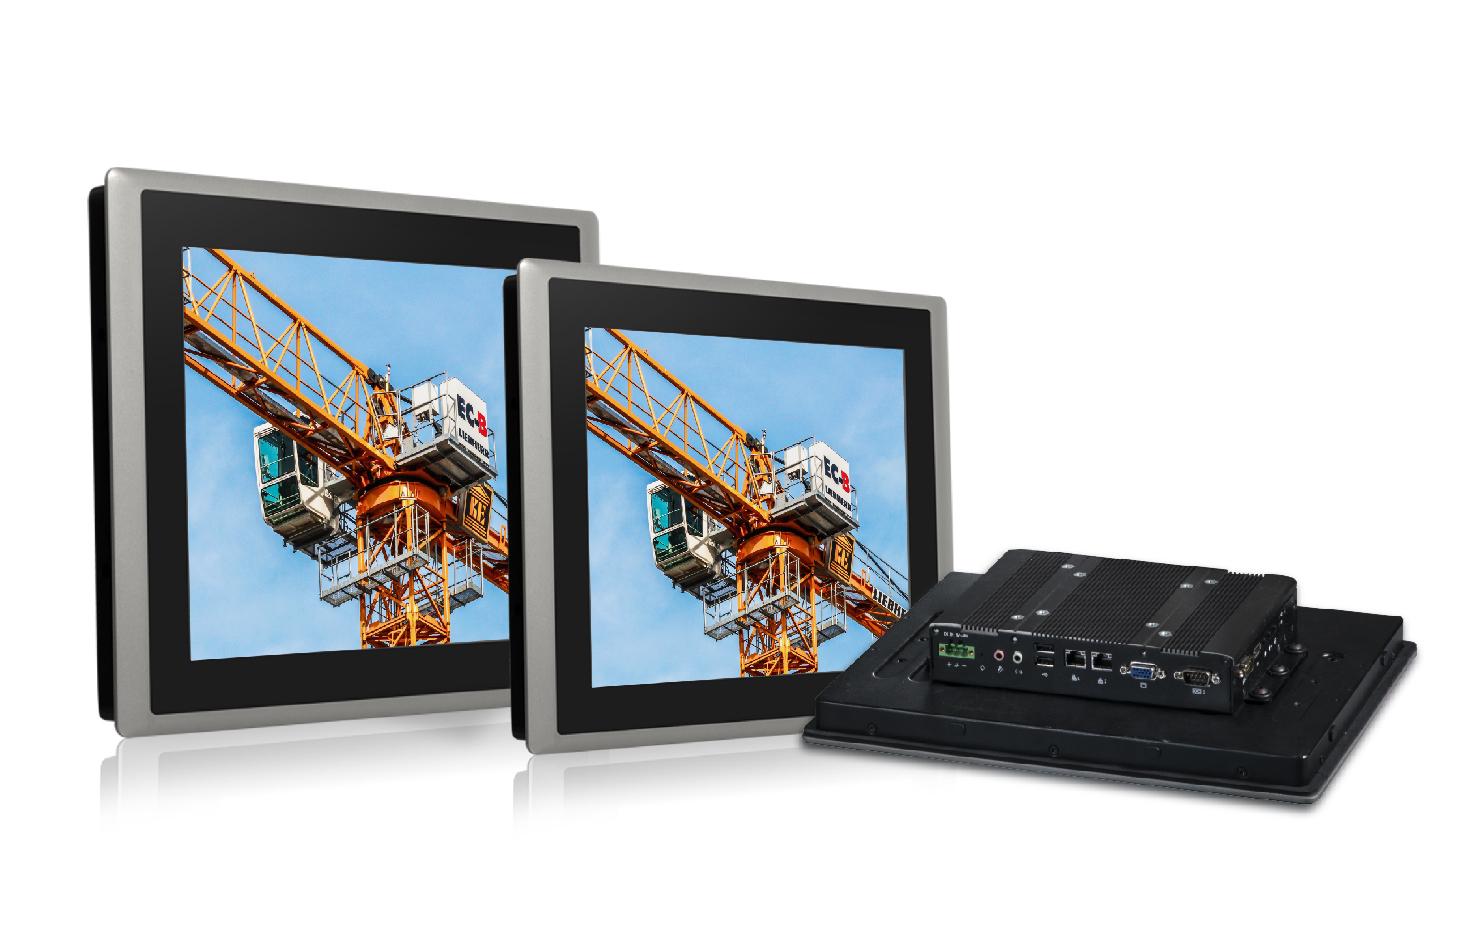 德承推出阳光下可读的工业平板计算机和触摸显示器,适合于户外应用